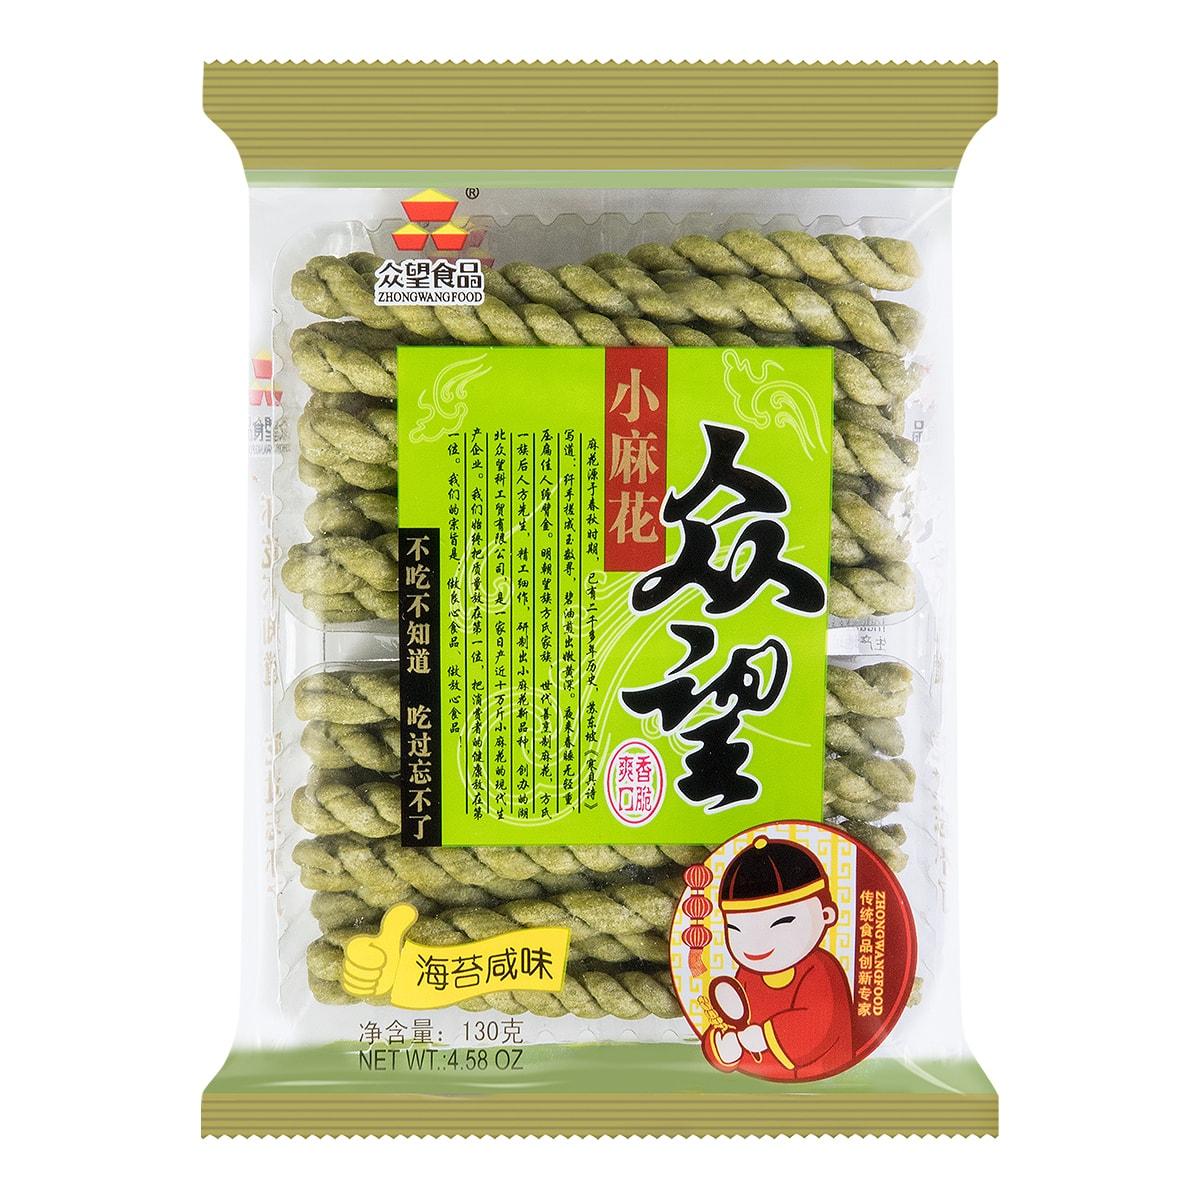 众望 小麻花 海苔咸味 130g